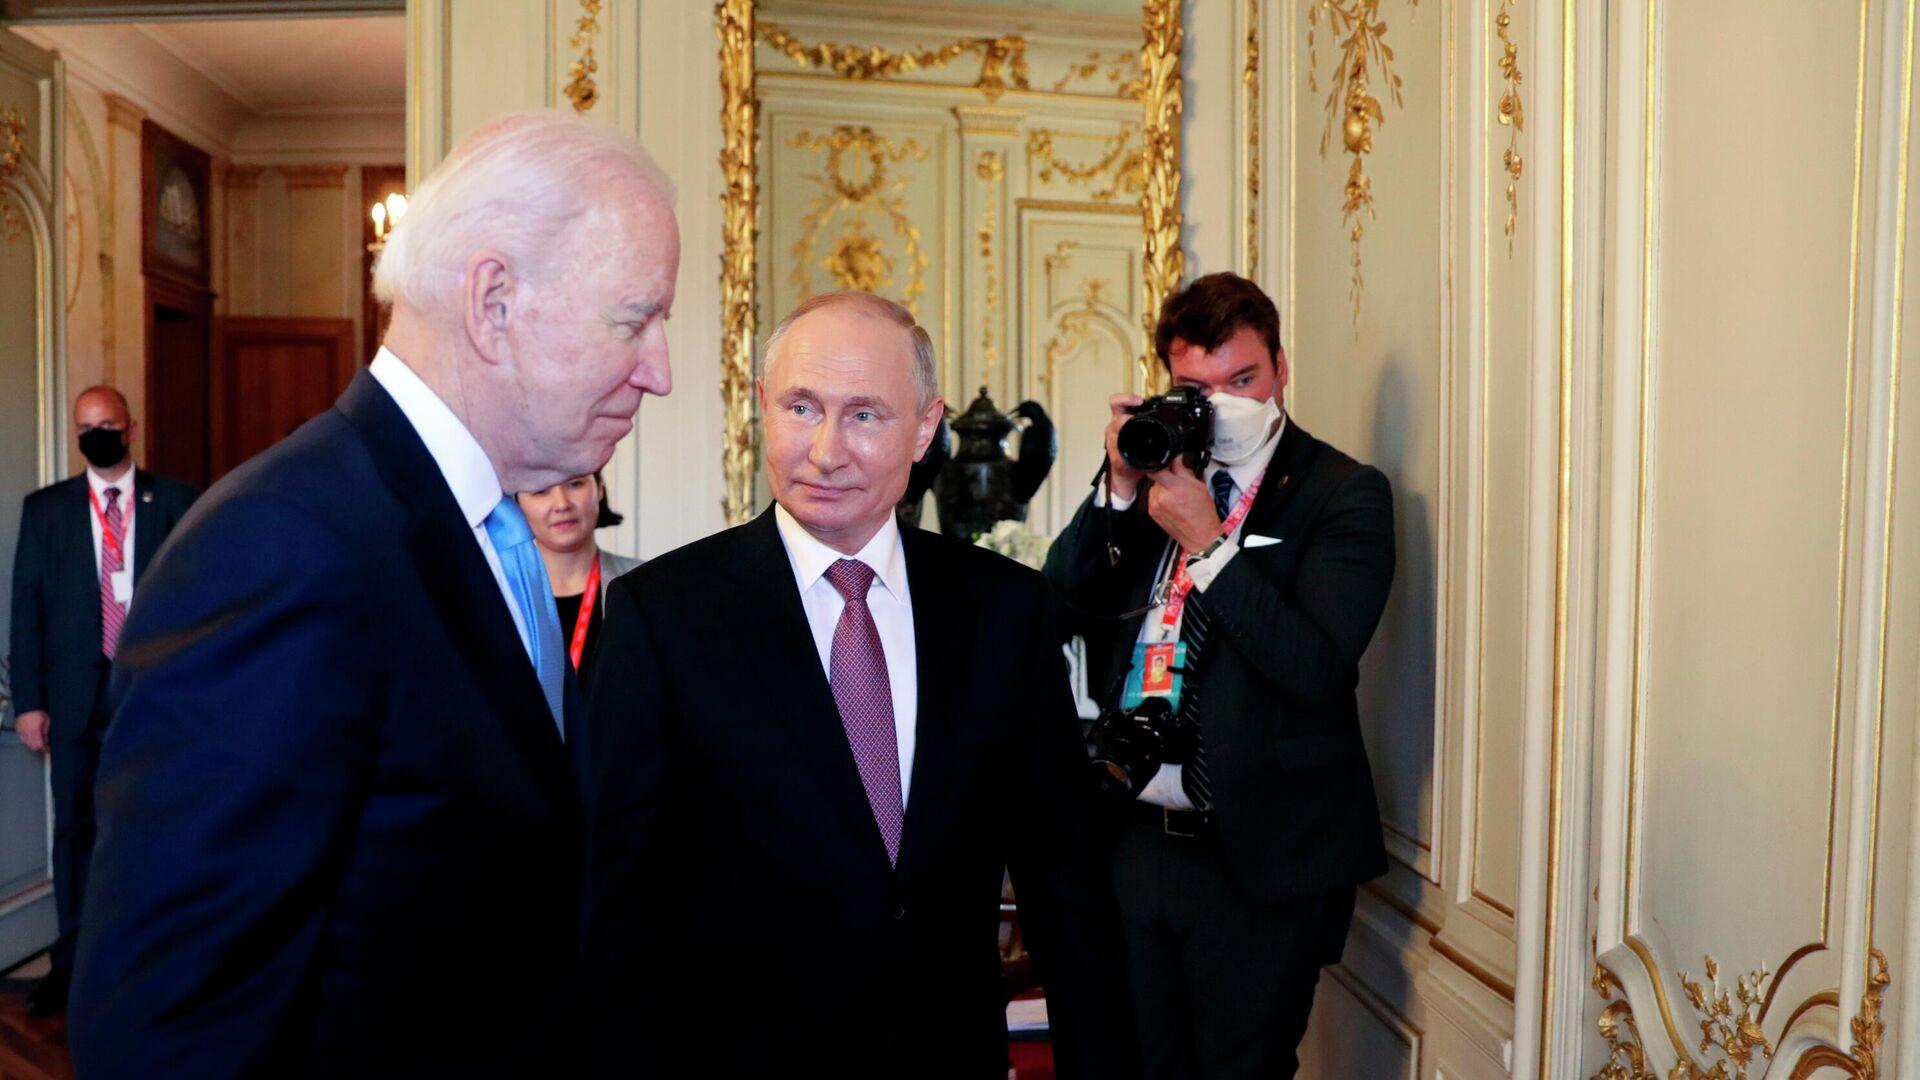 Президент РФ Владимир Путин и президент США Джо Байден перед началом российско-американских переговоров на вилле Ла Гранж в Женеве - РИА Новости, 1920, 23.07.2021